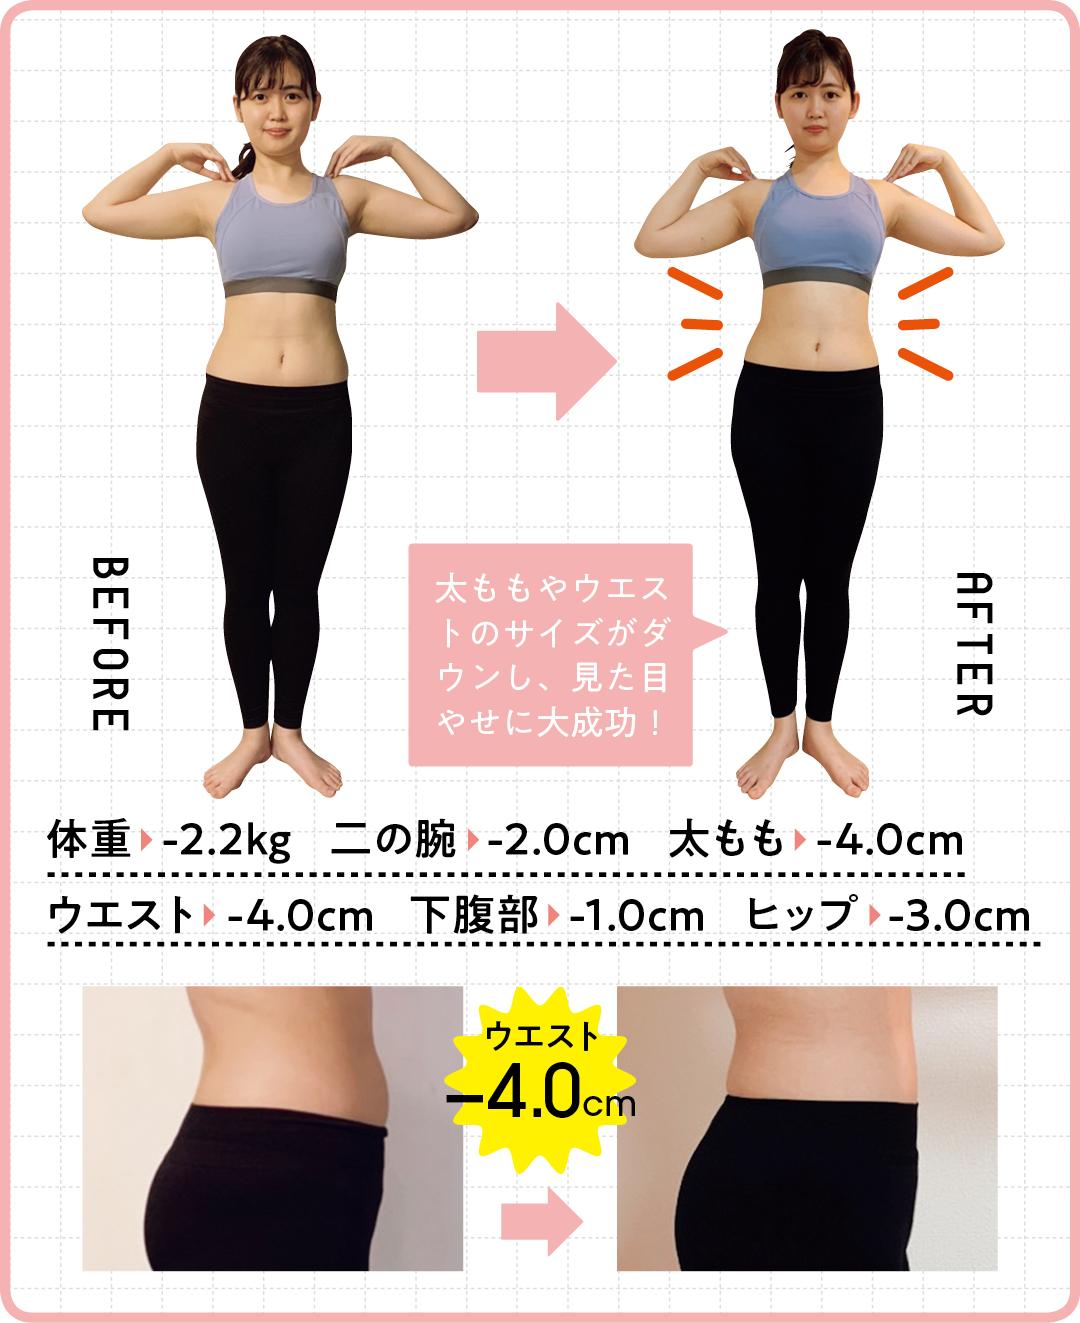 体重   -2.2kg    二の腕   -2.0cm 太もも   -4.0cm ウエスト    -4.0cm  下腹部   -1.0cm ヒップ   -3.0cm